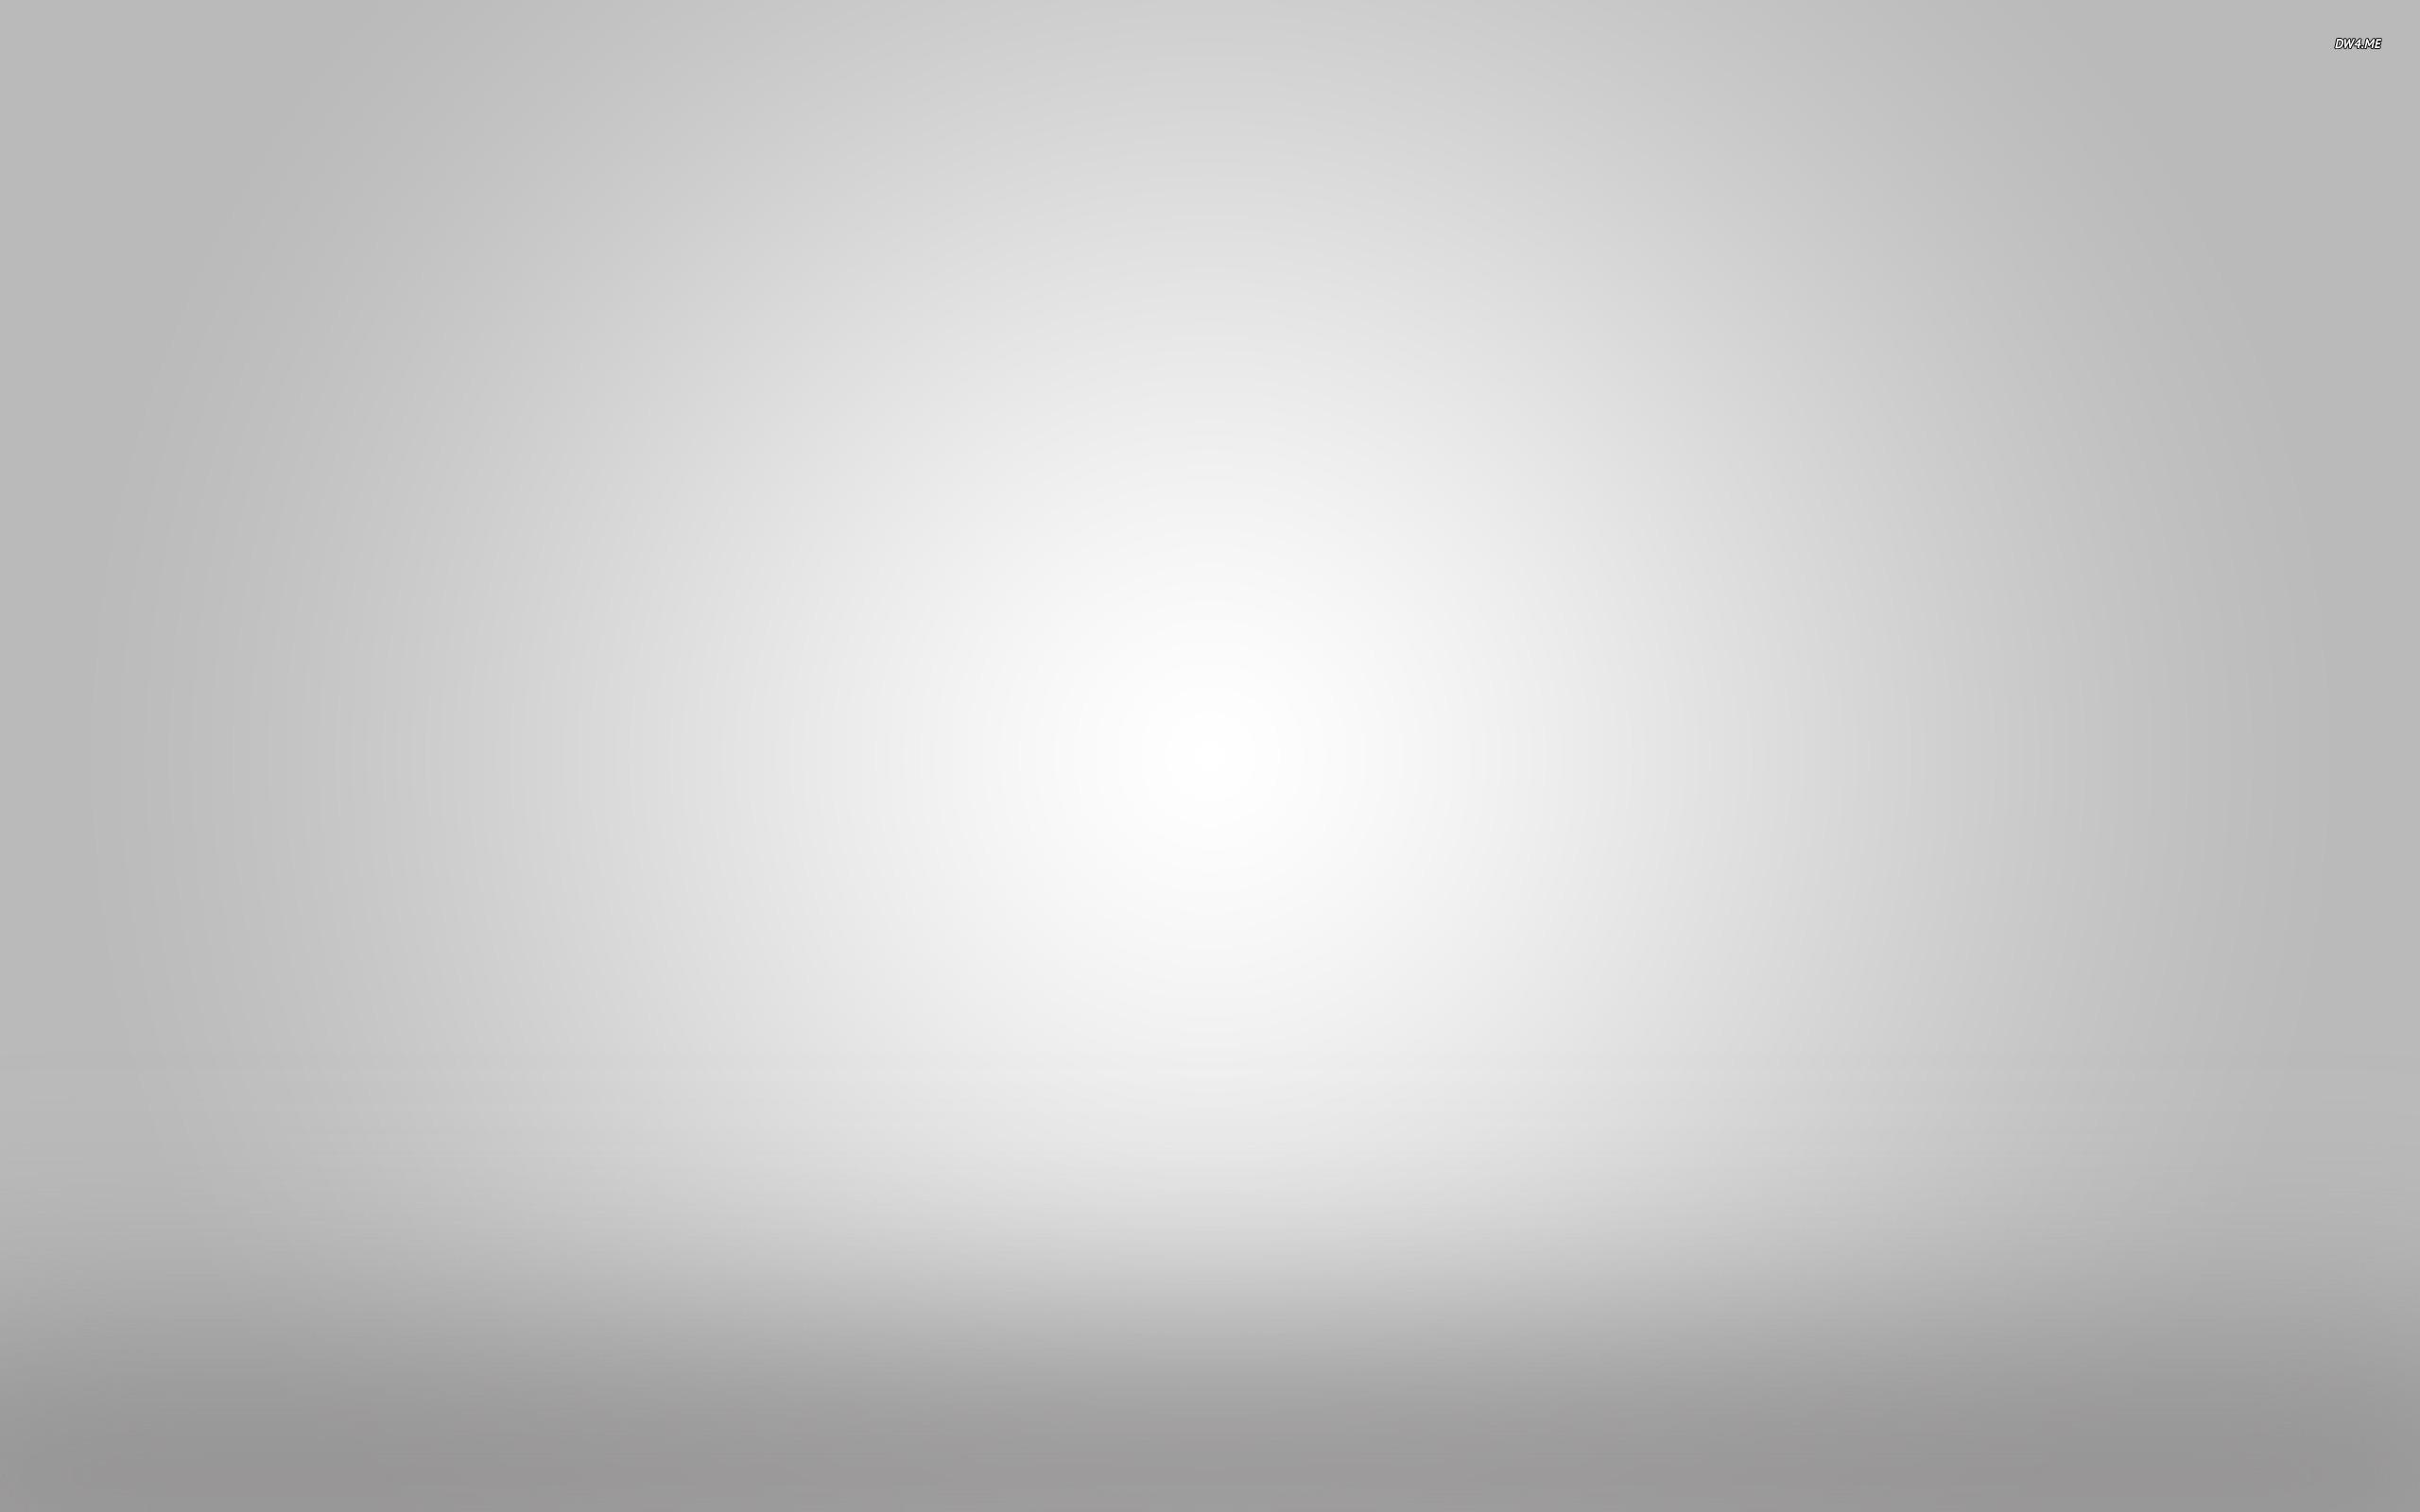 Light Grey Background Images | imagebasket.net